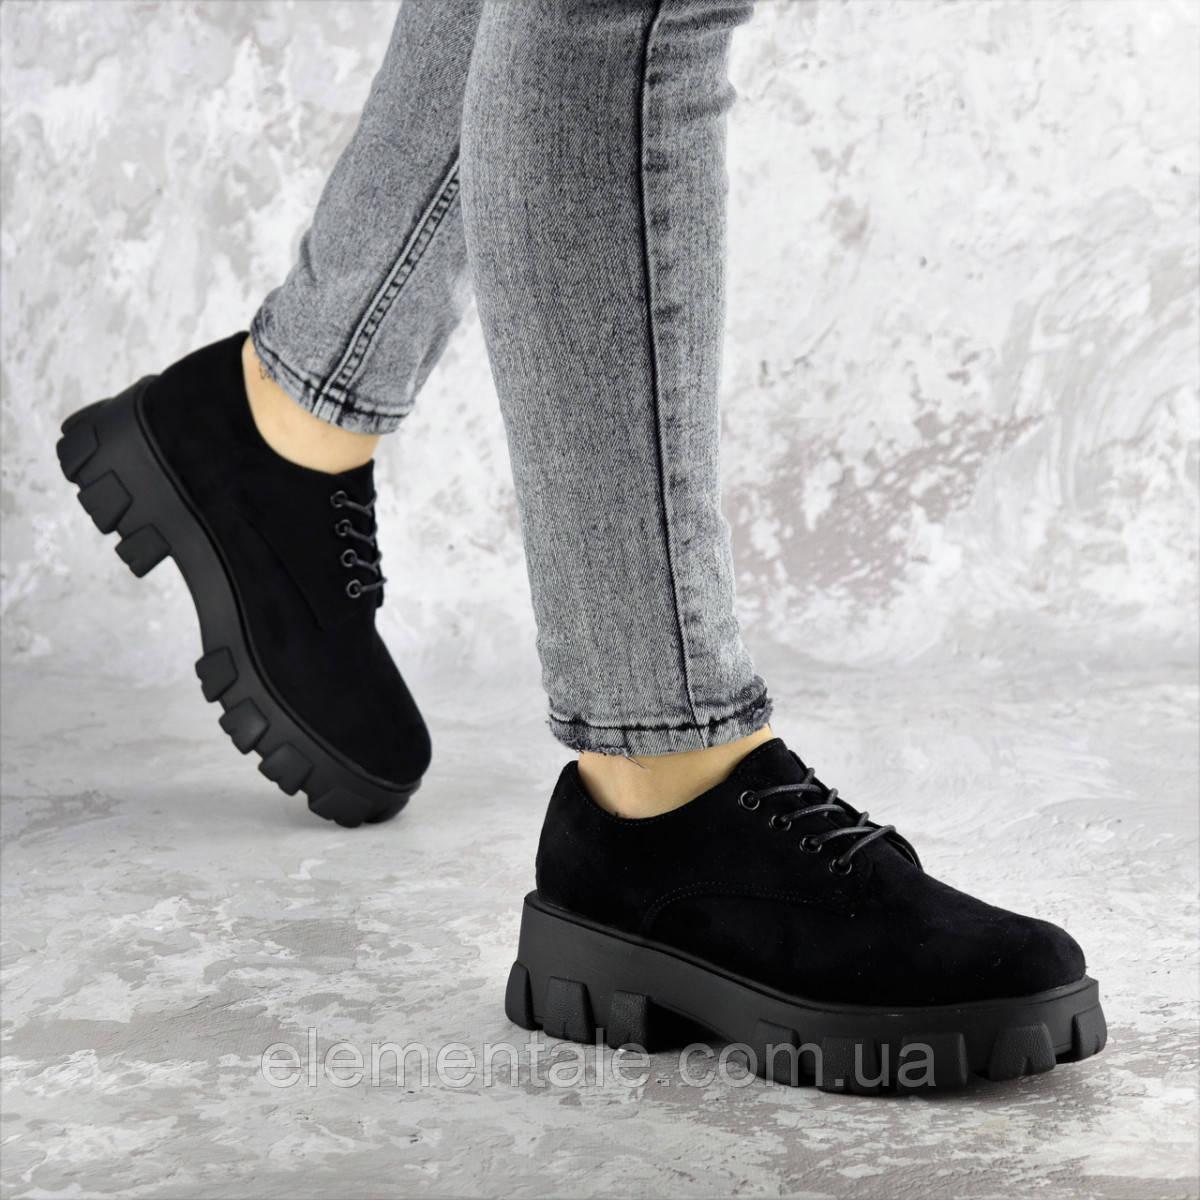 Туфли женские 41 размер 26 см Черные